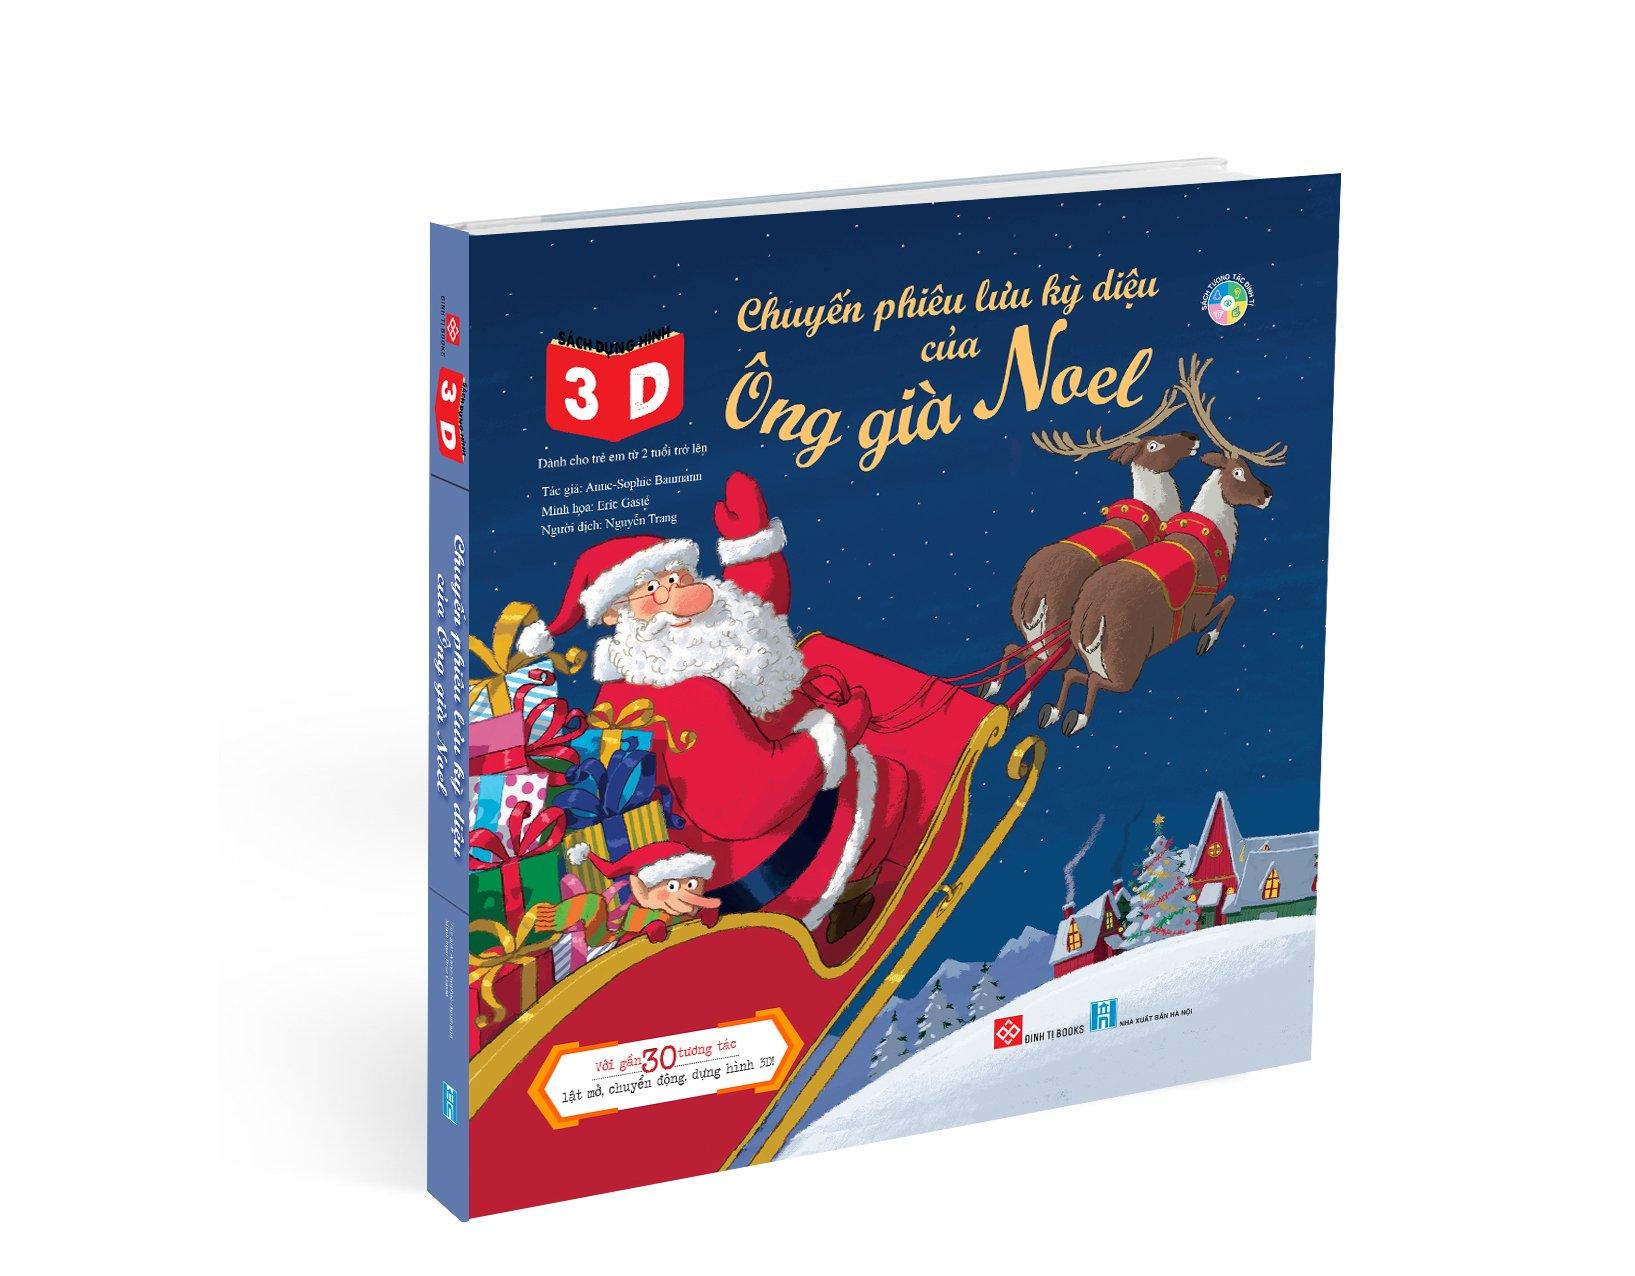 Sách dựng hình 3D - Chuyến phiêu lưu kỳ diệu của Ông già Noel (Tặng kèm 1 túi quà tặng Noel)